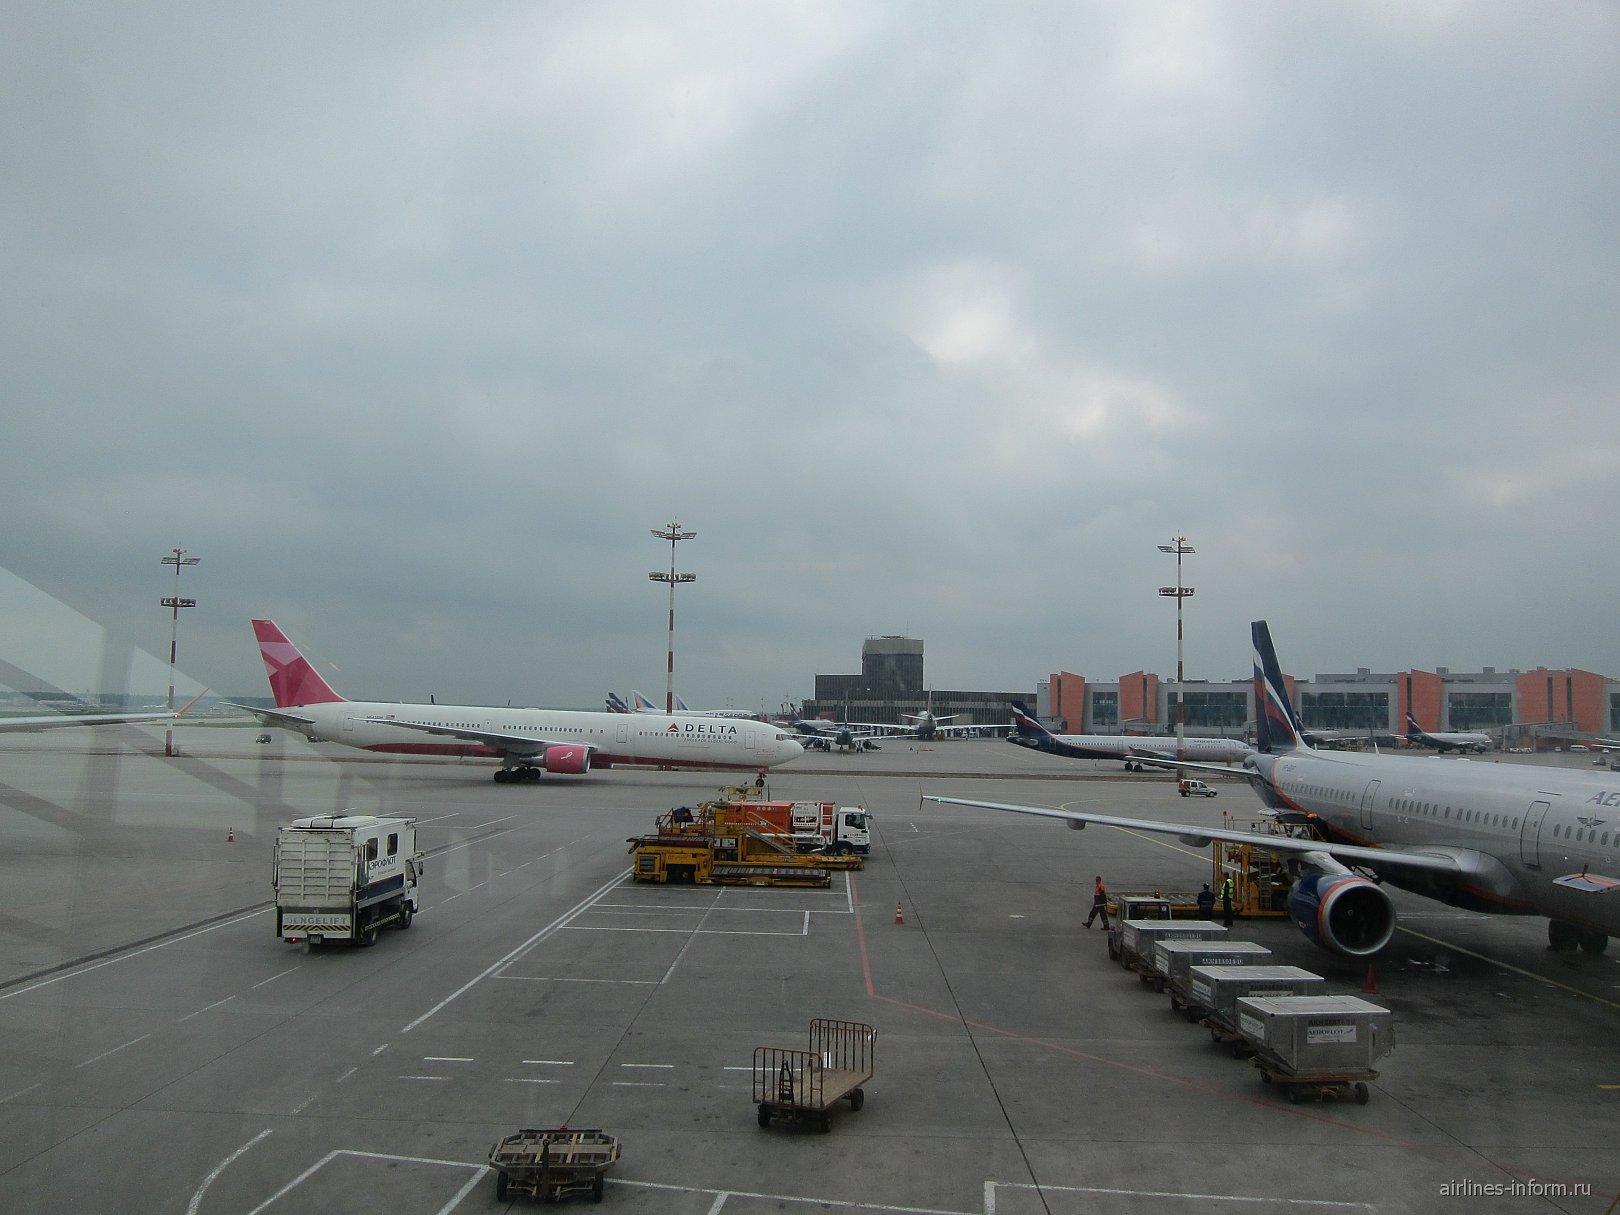 Боинг-767-300 авиакомпании Дельта в аэропорту Шереметьево